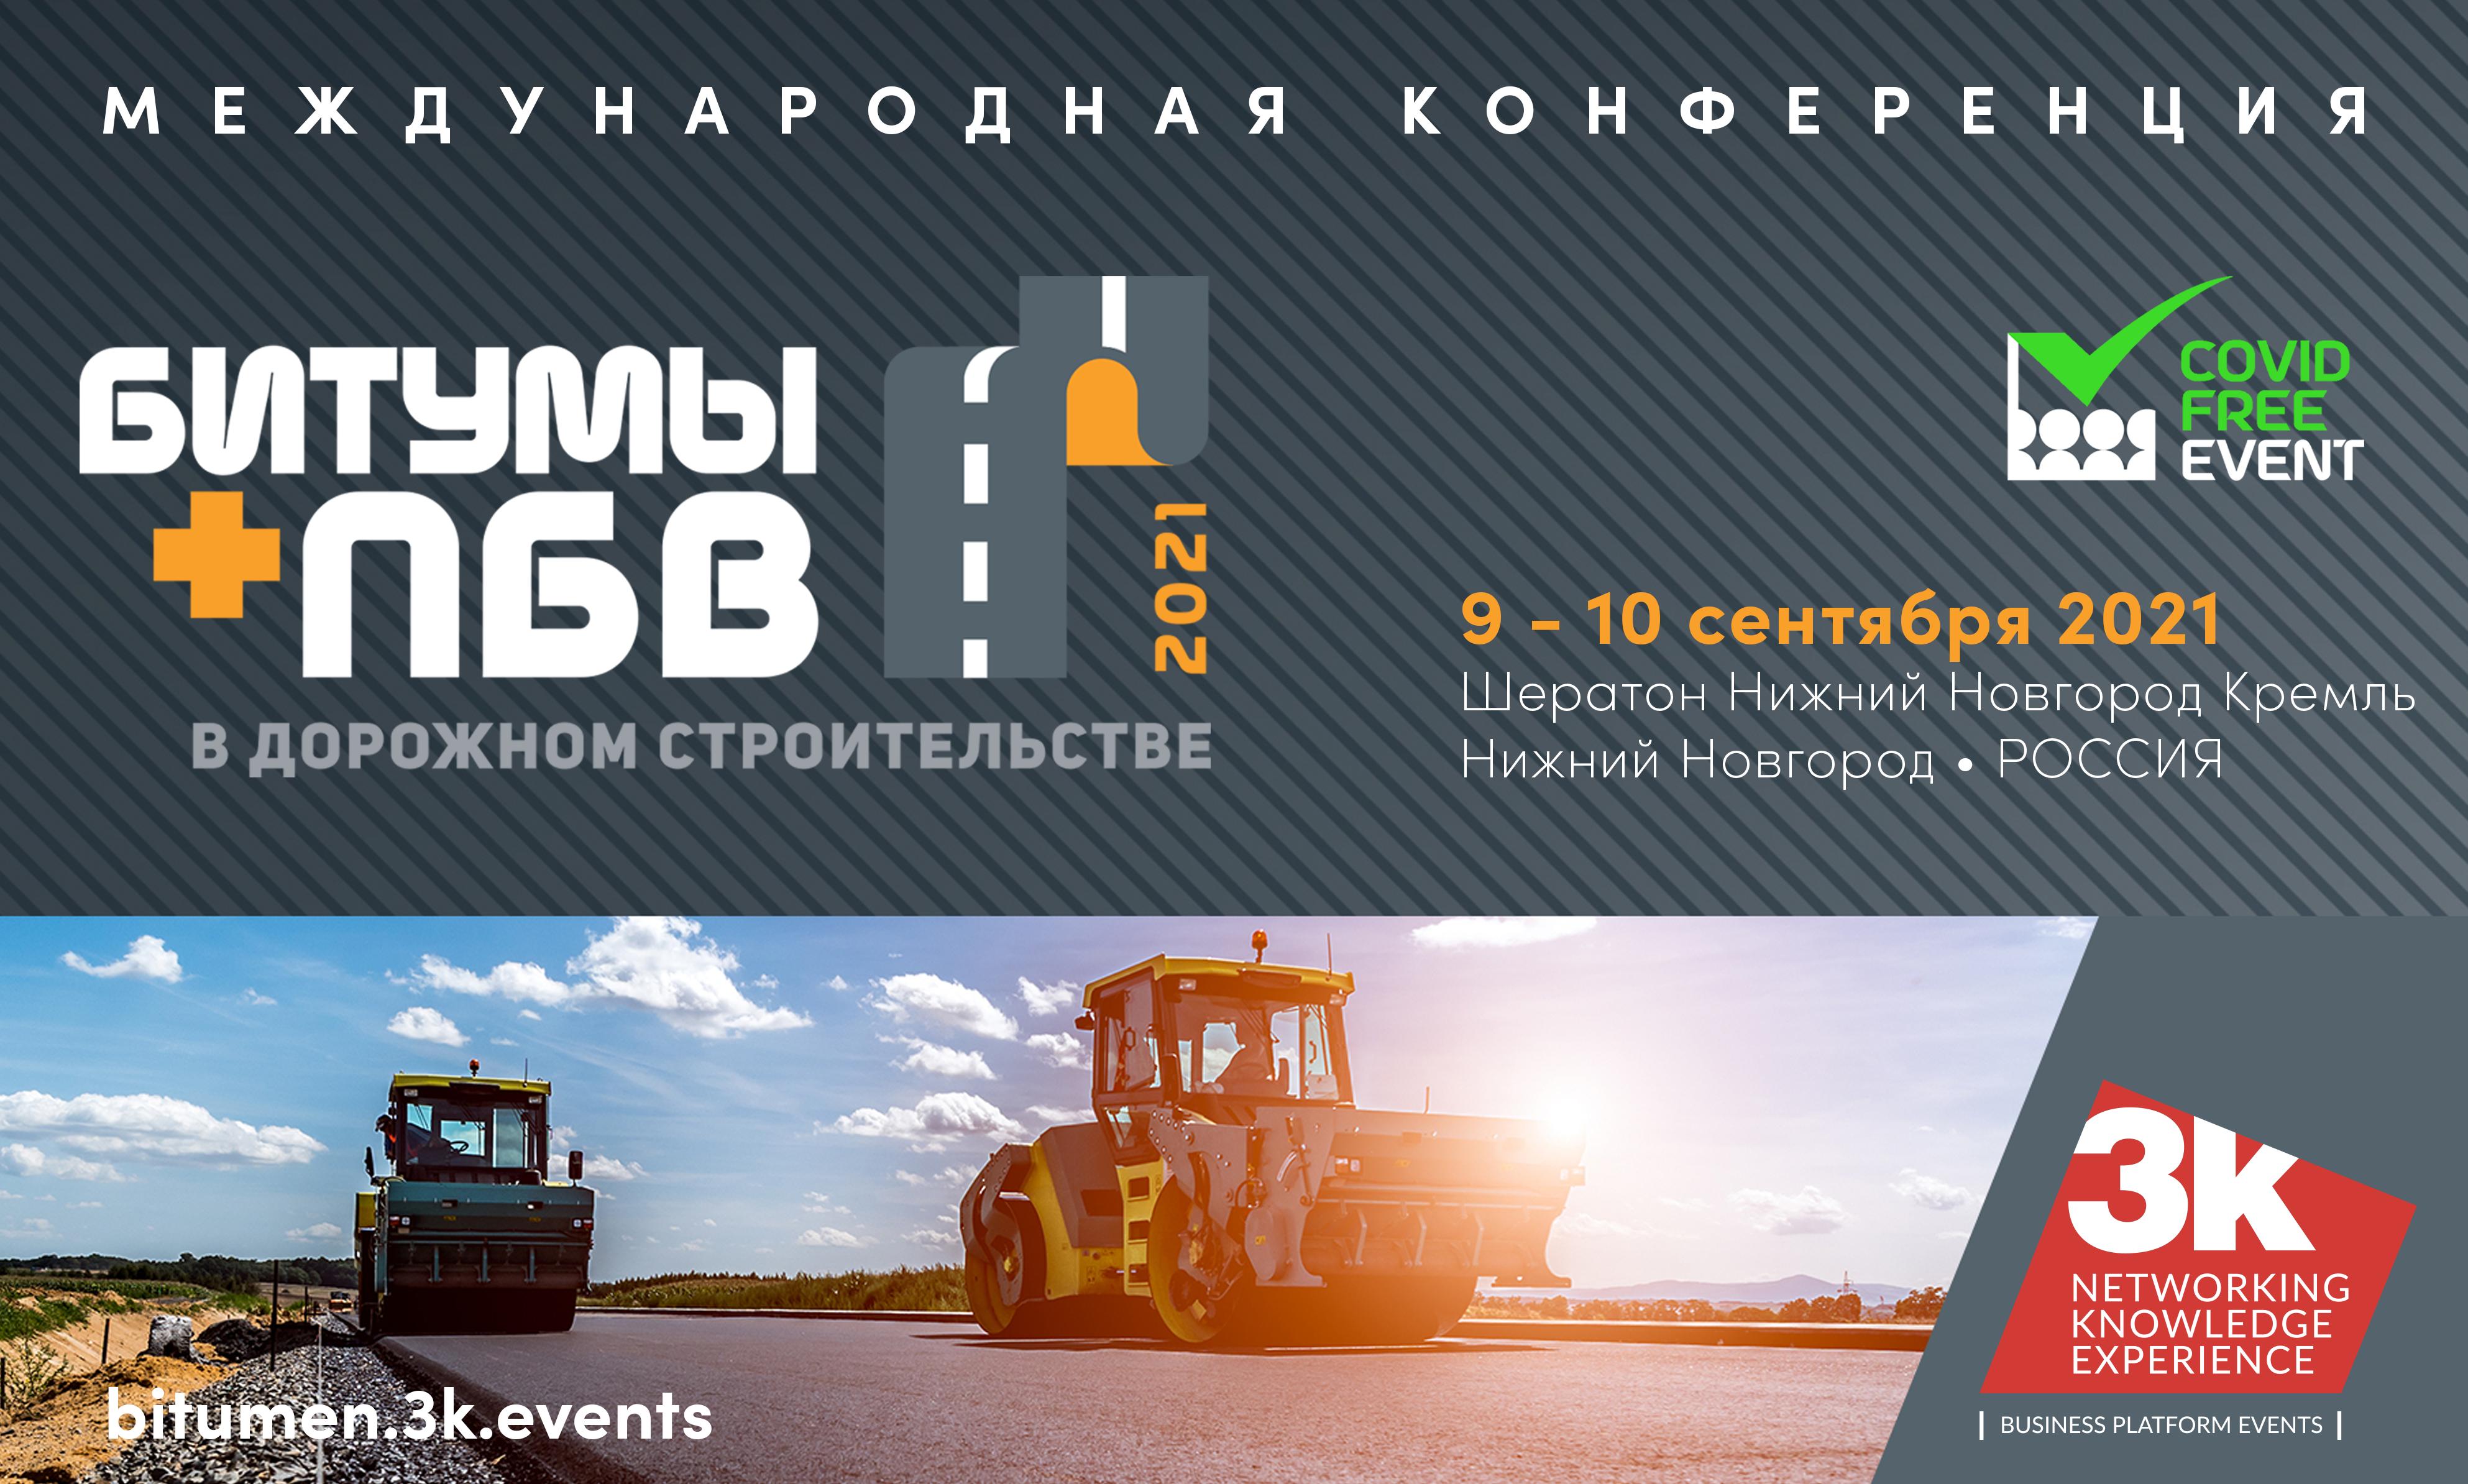 «Битумы и ПБВ в дорожном строительстве»